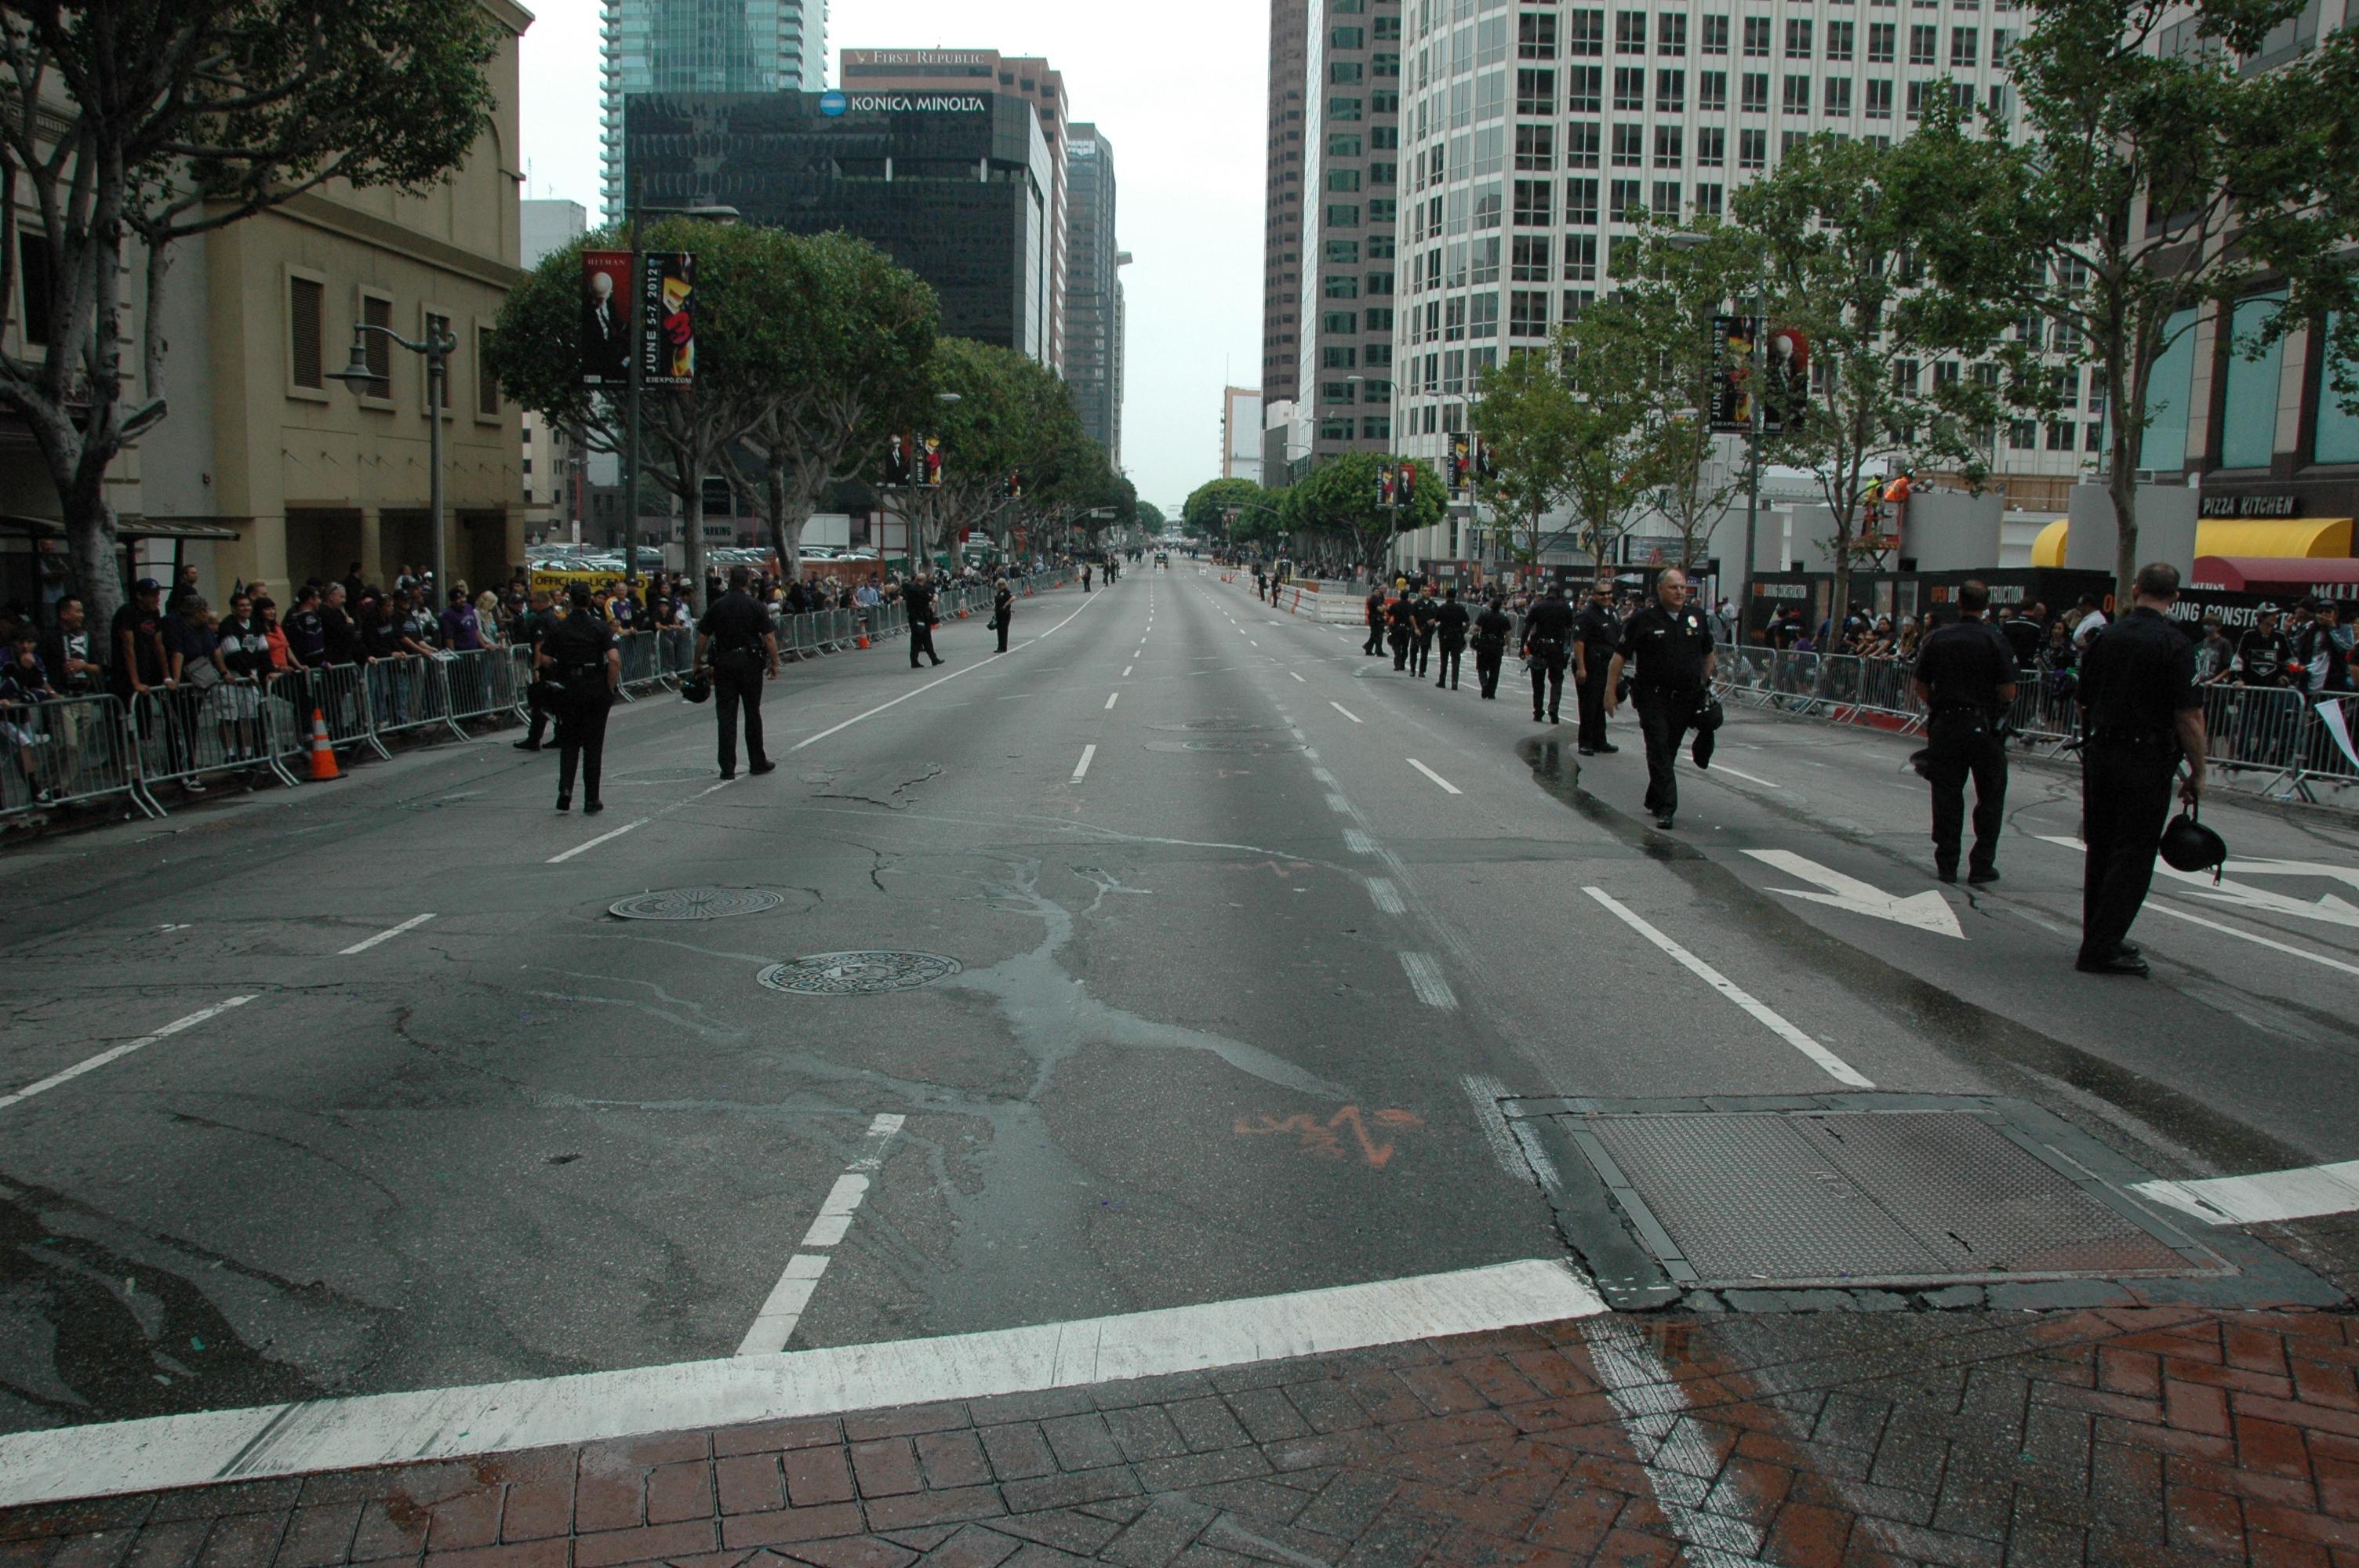 Un aspecto de la calle Figueroa hacia Staples Center de la esquina con la calle 7th. (Foto José Ubaldo/El Pasajero).